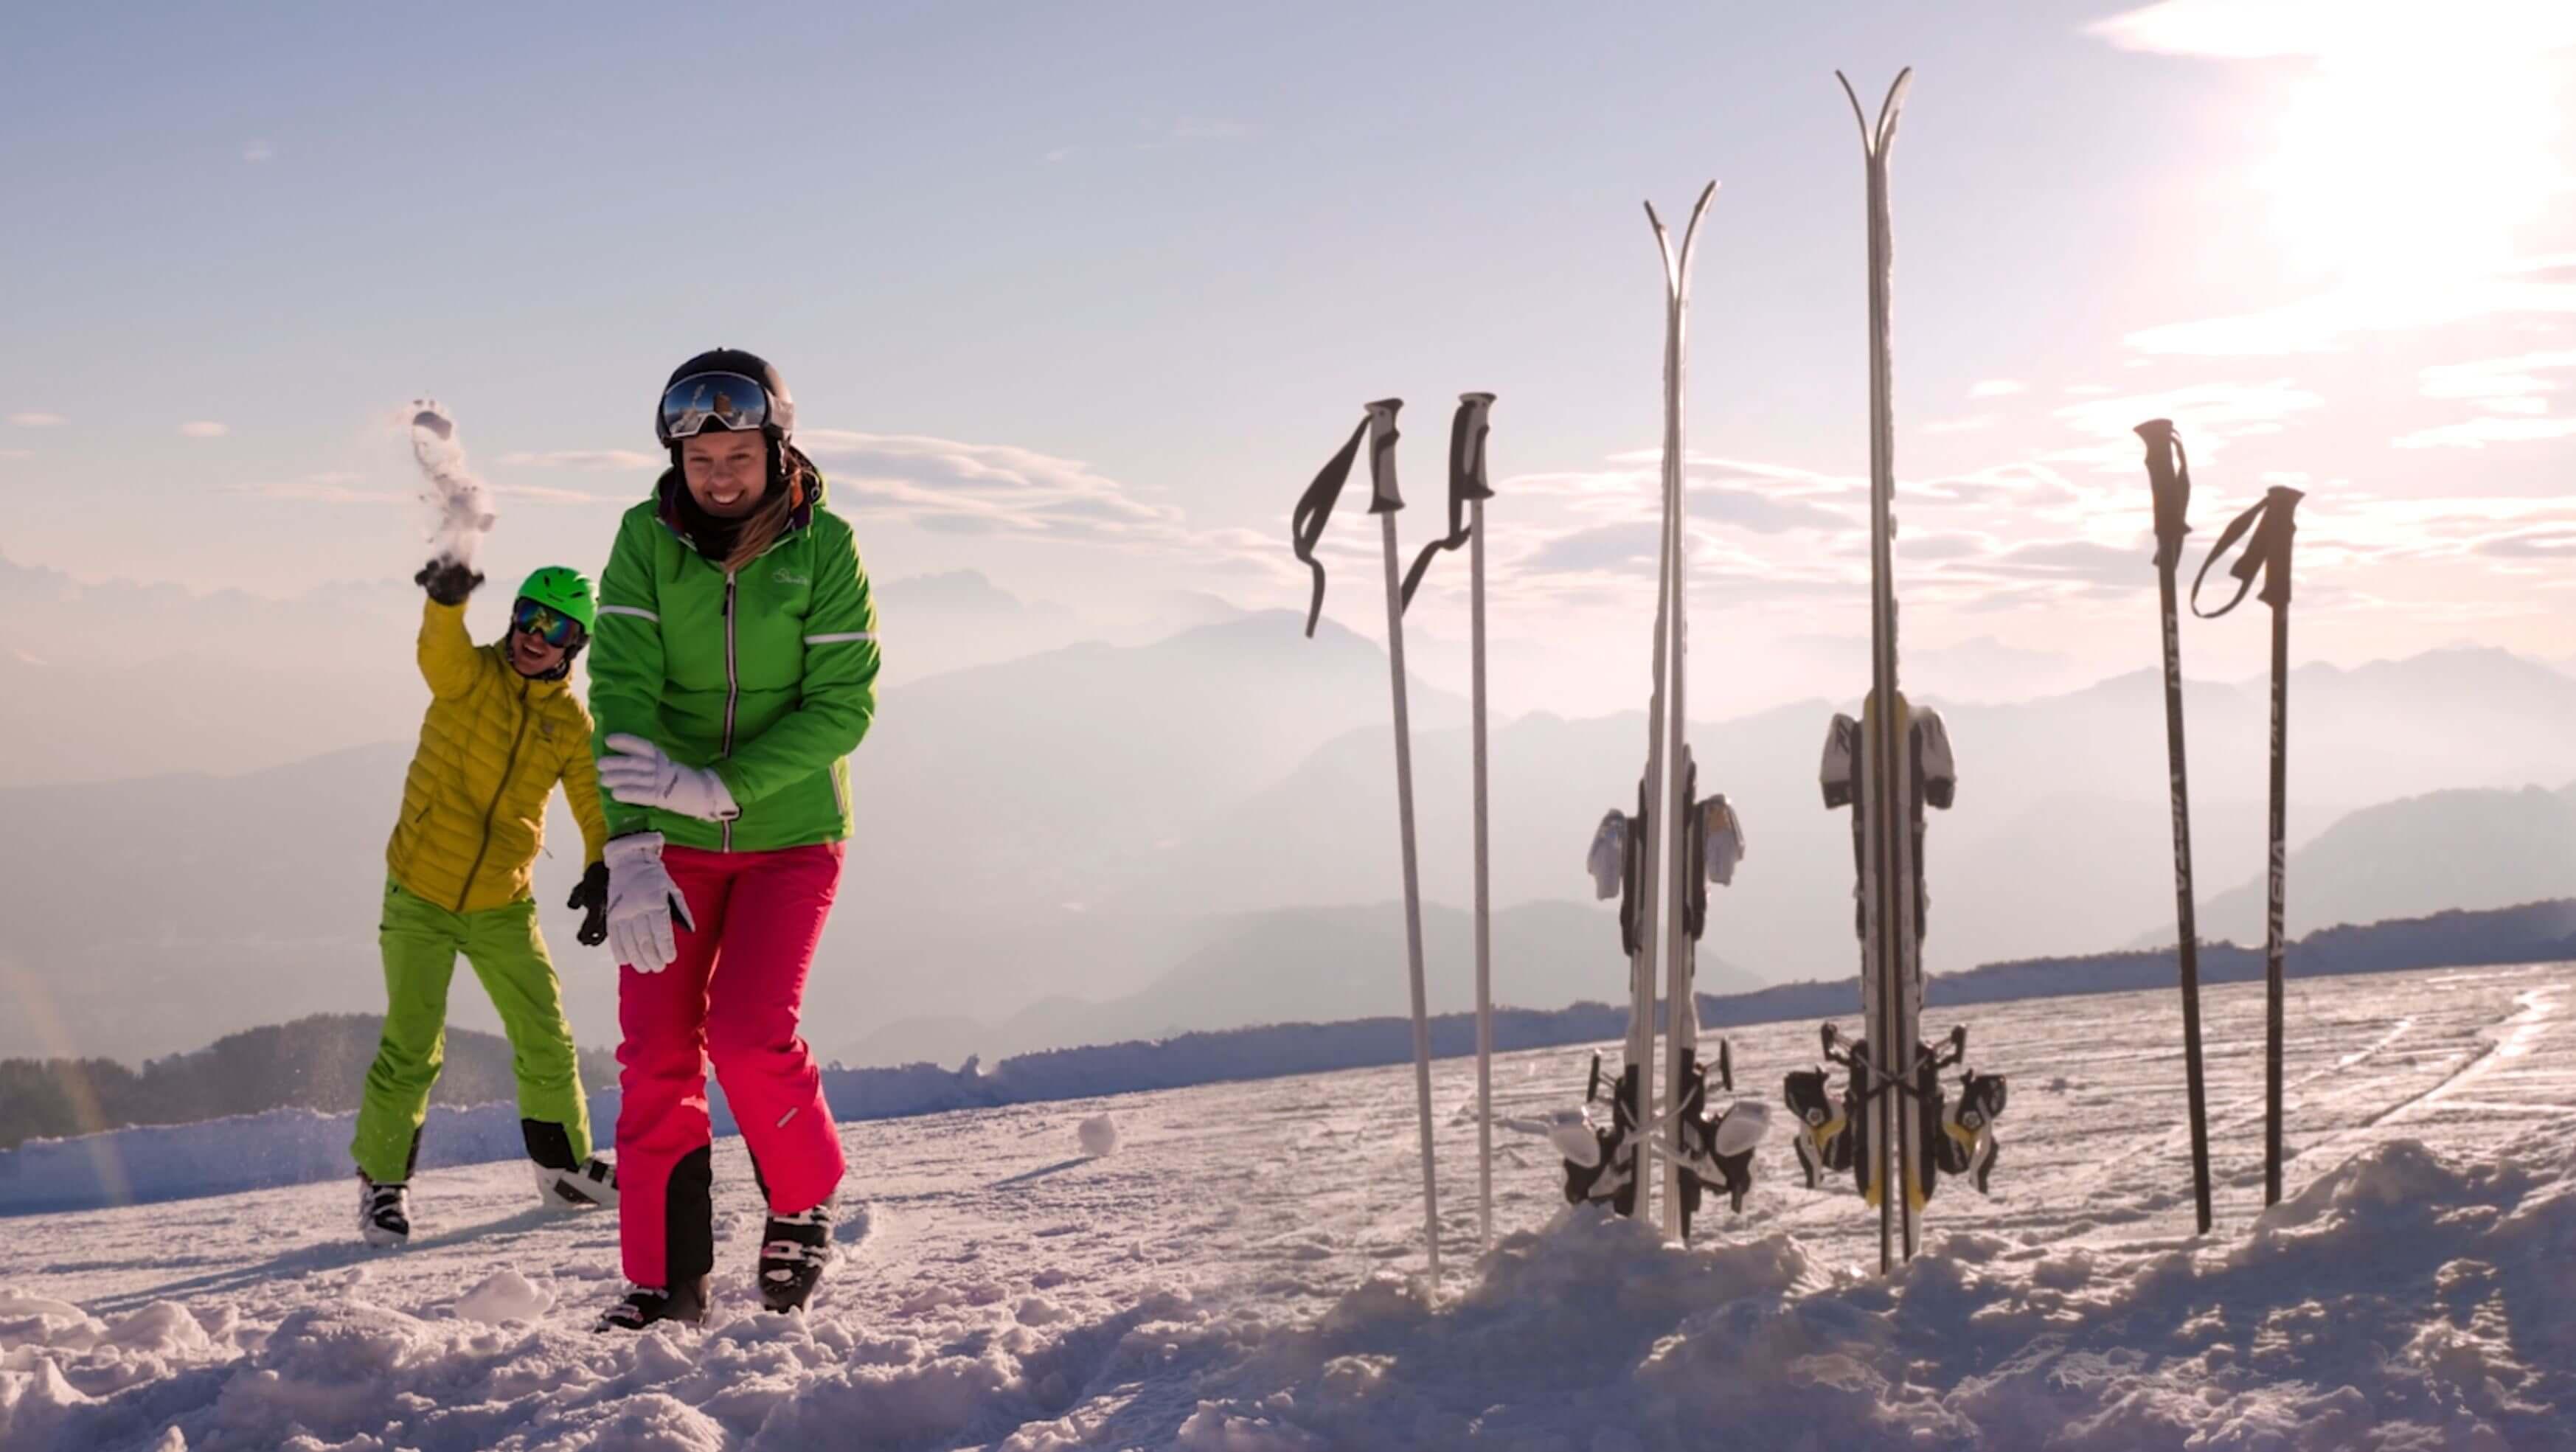 Fototgraf Urlaub in Kärnten beim Skifahren im Skiurlaub in Österreich